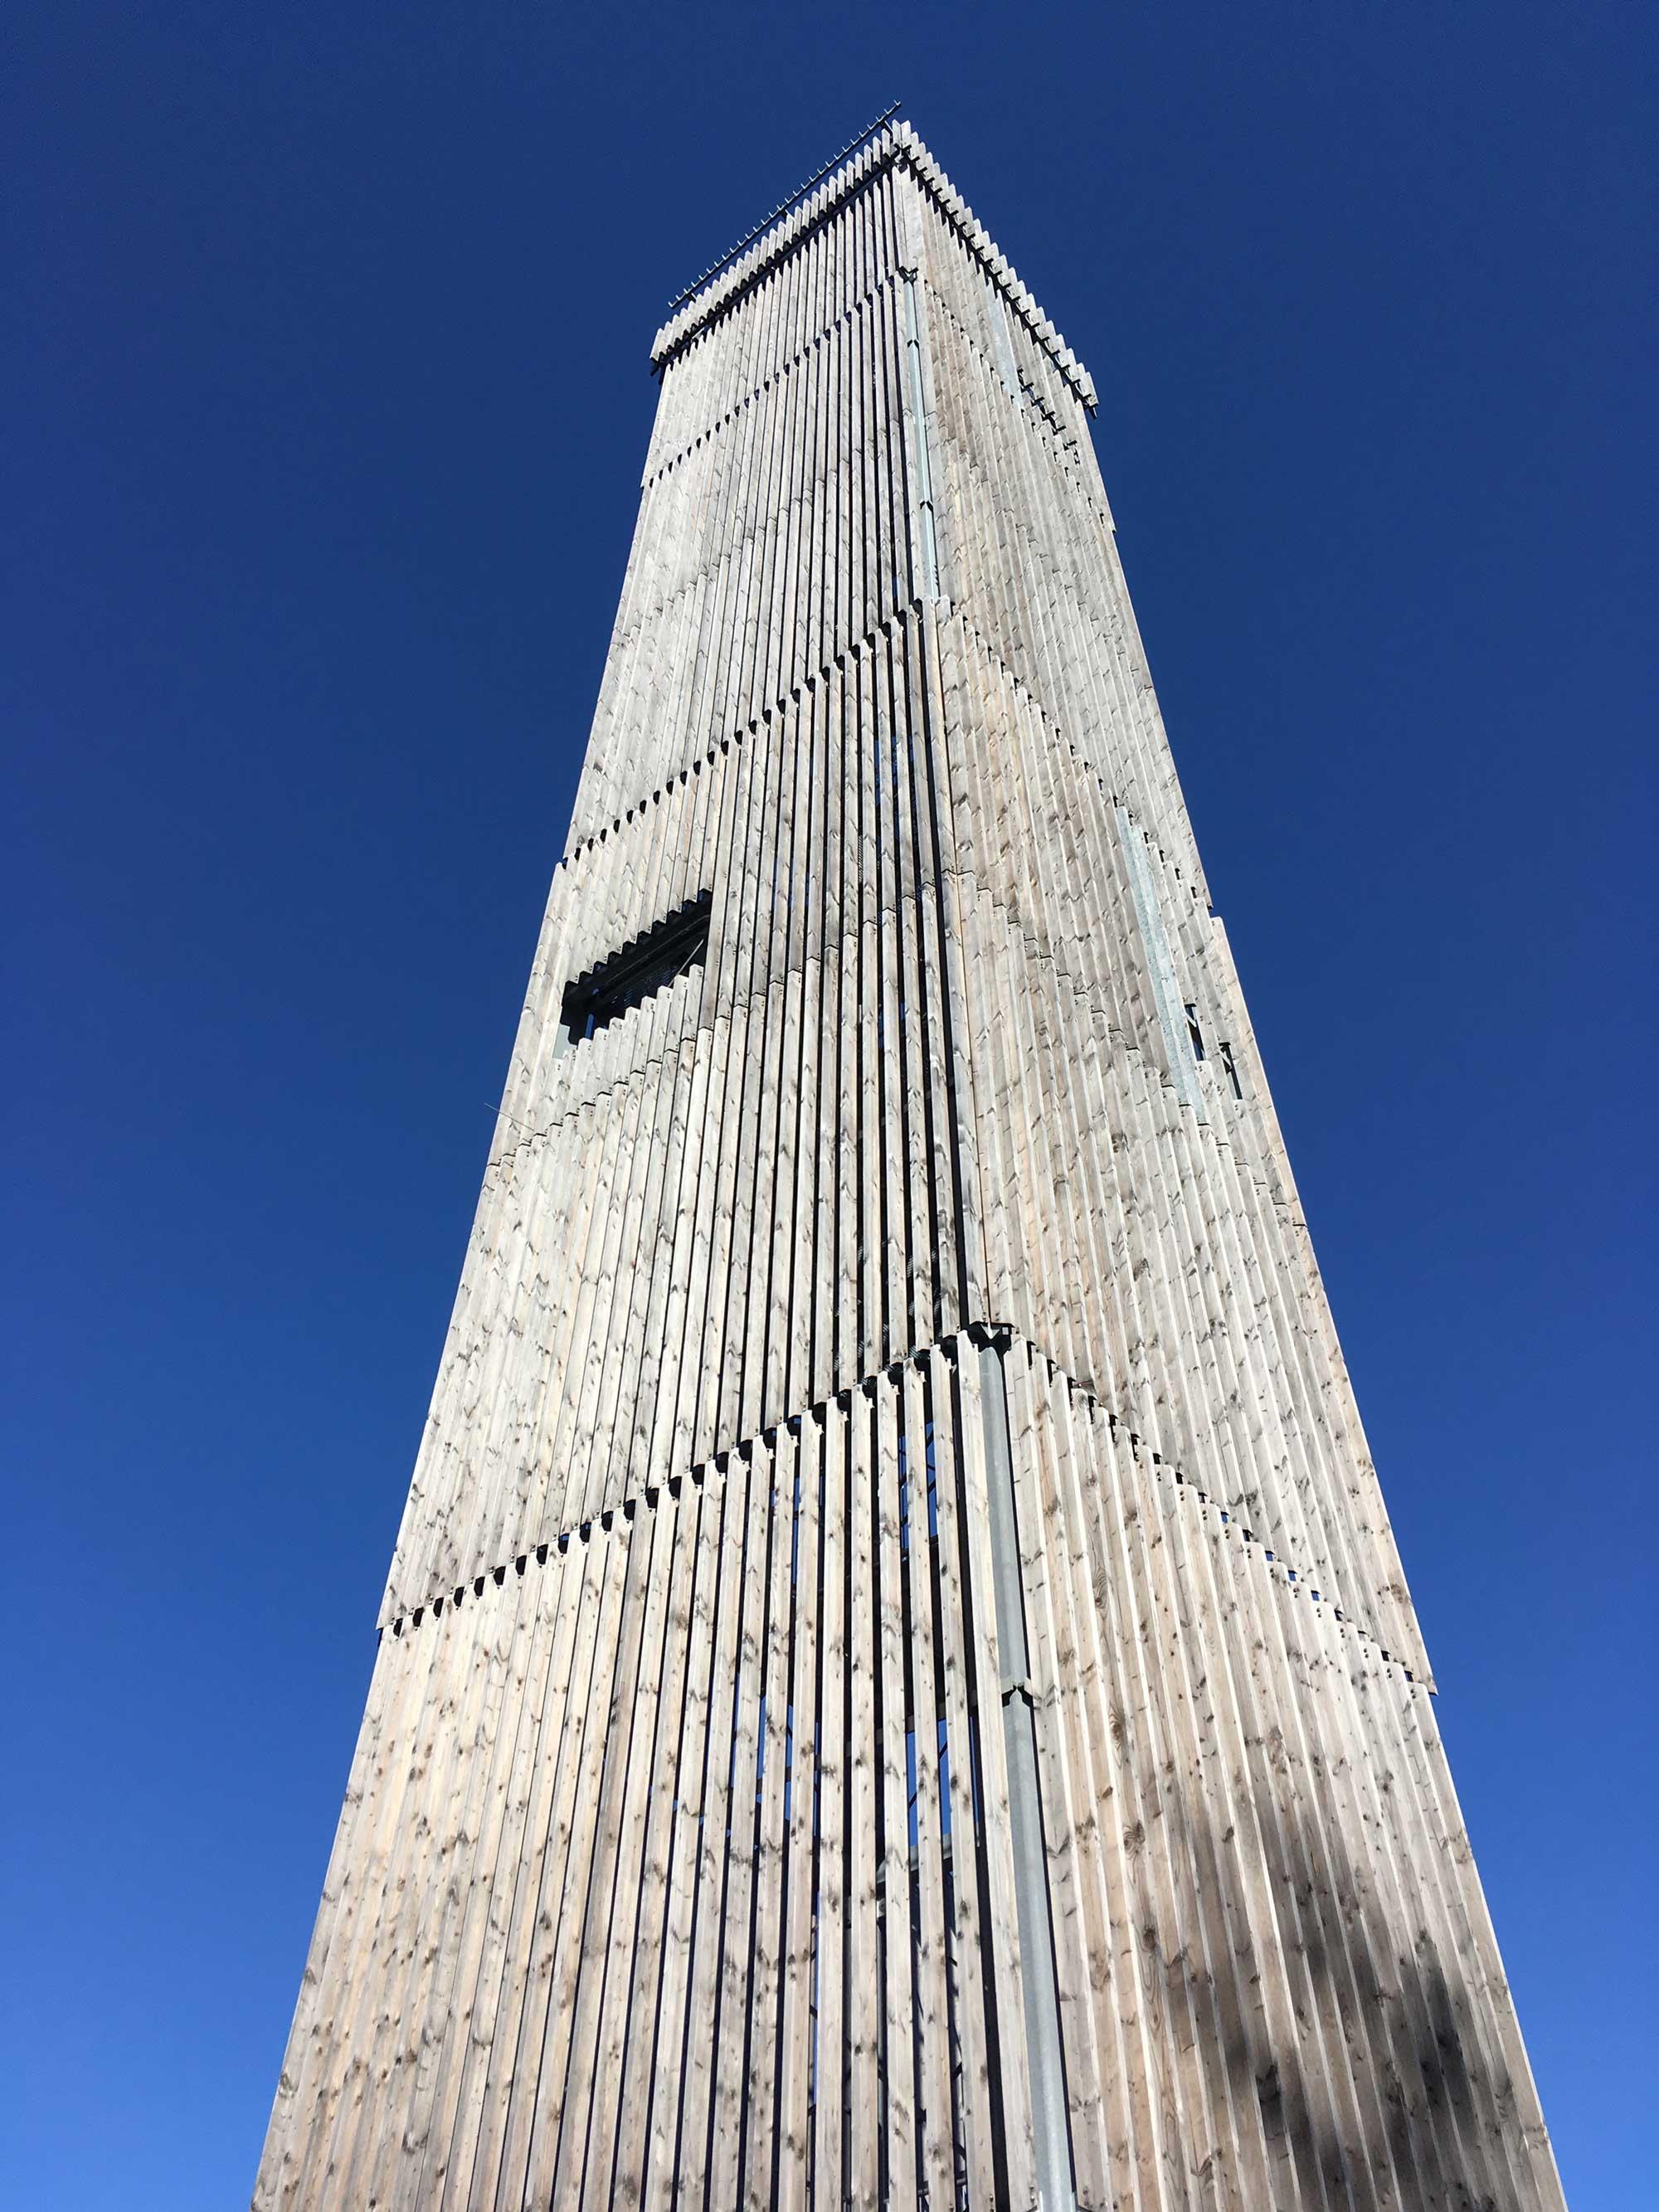 Möhnesee Turm